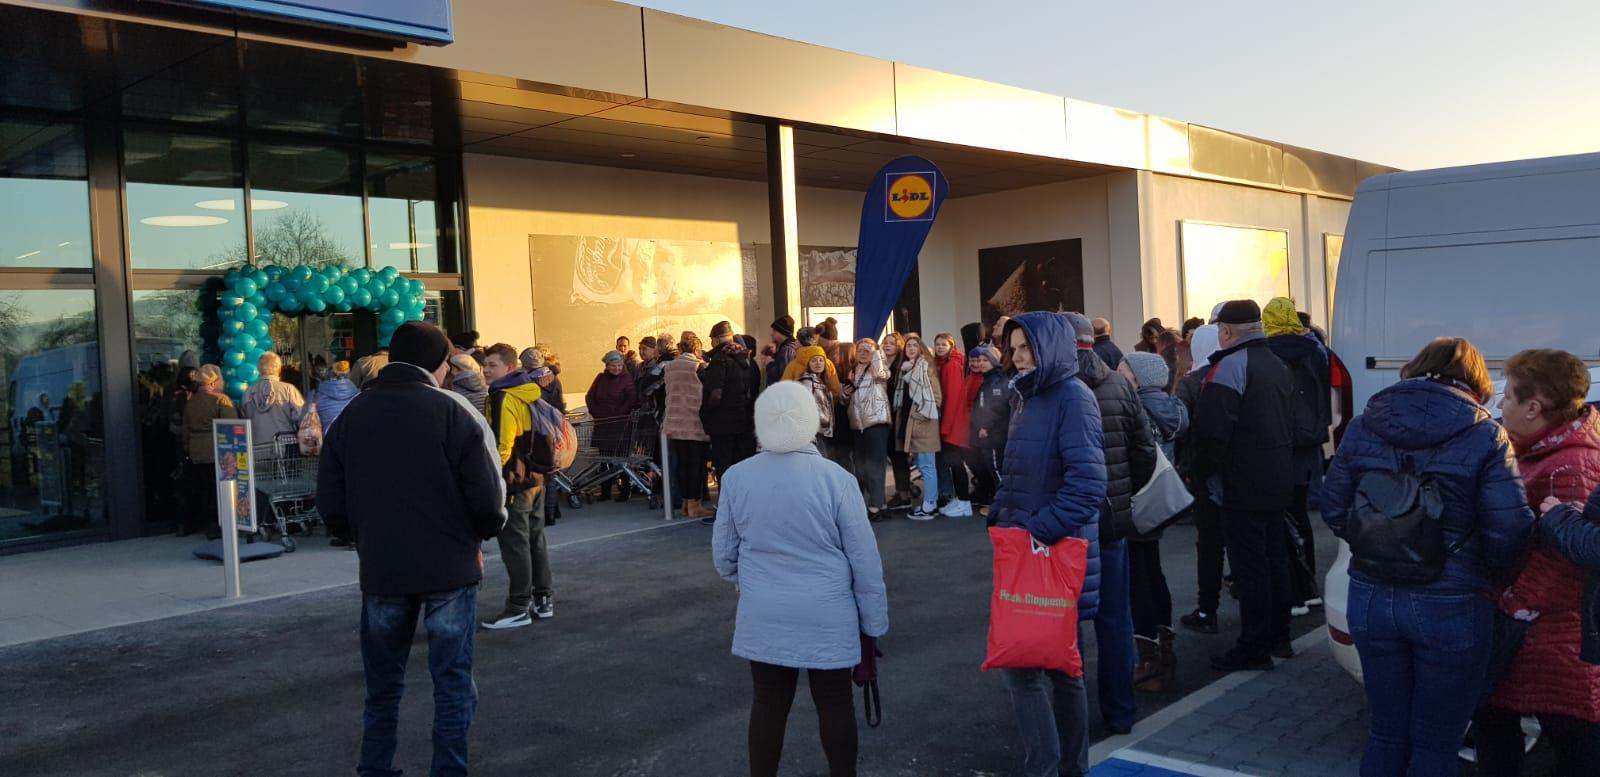 Nowy Lidl w Wadowicach już otwarty. W kolejce czekało na to mnóstwo mieszkańców [FOTO] [AKTUALIZACJA]